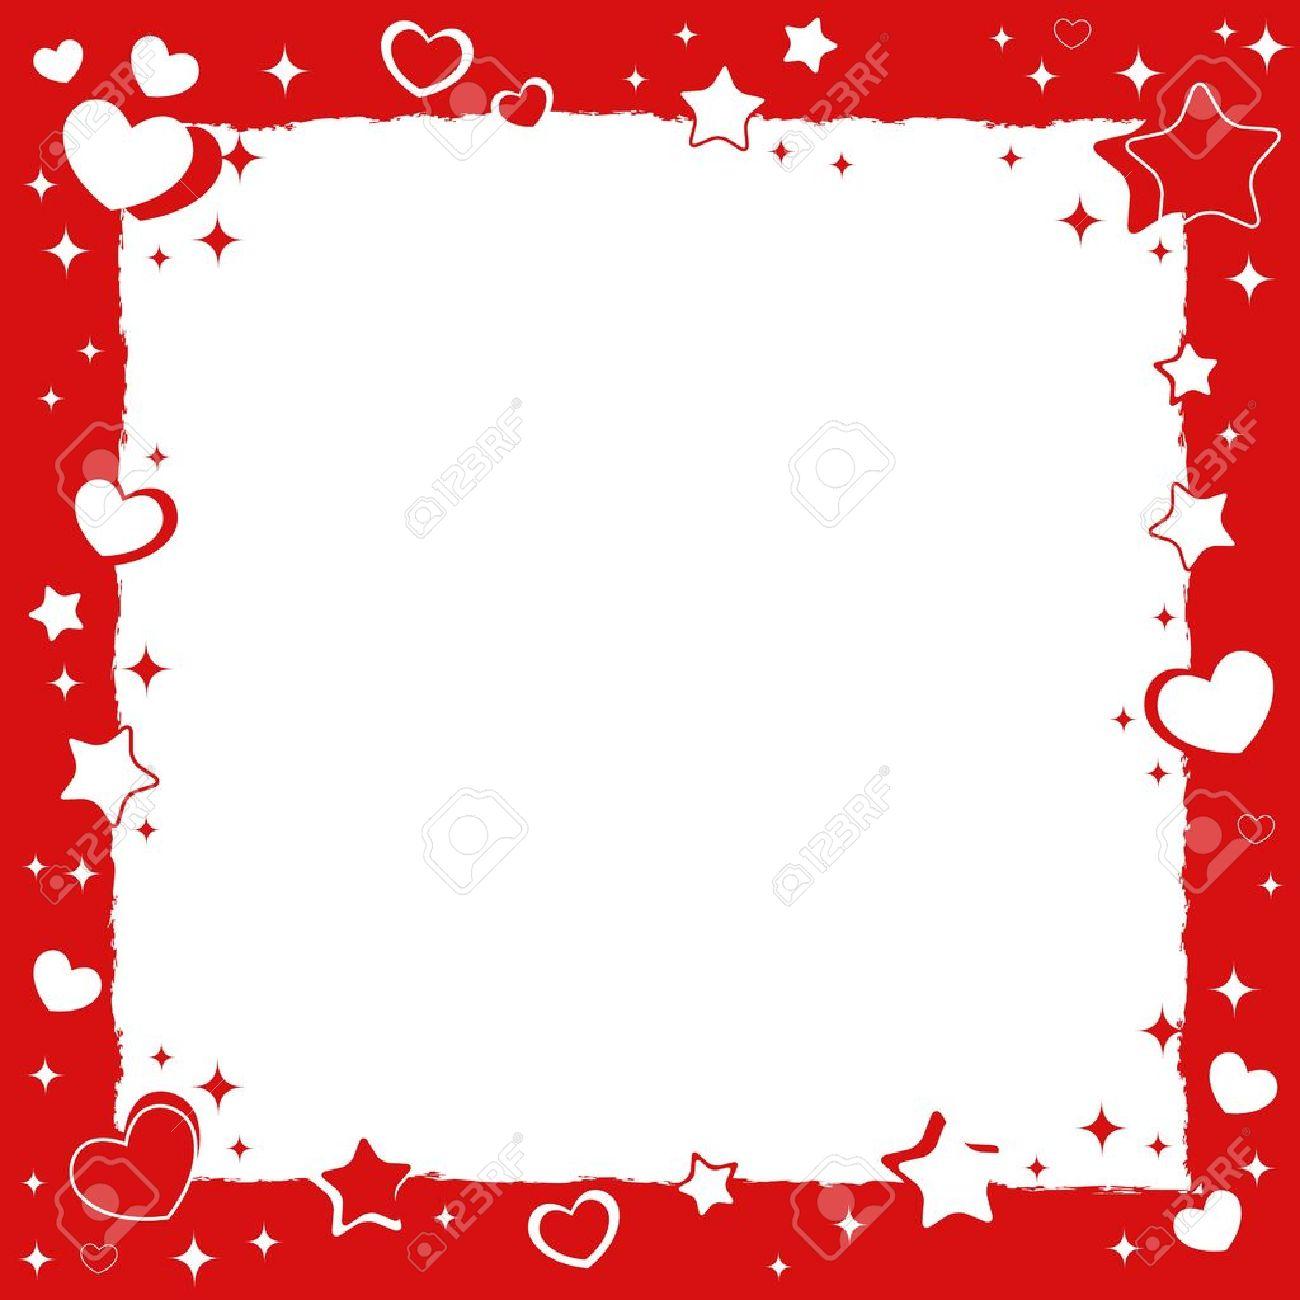 Valentine Love Marco Romántico Con Corazones Y Estrellas ...